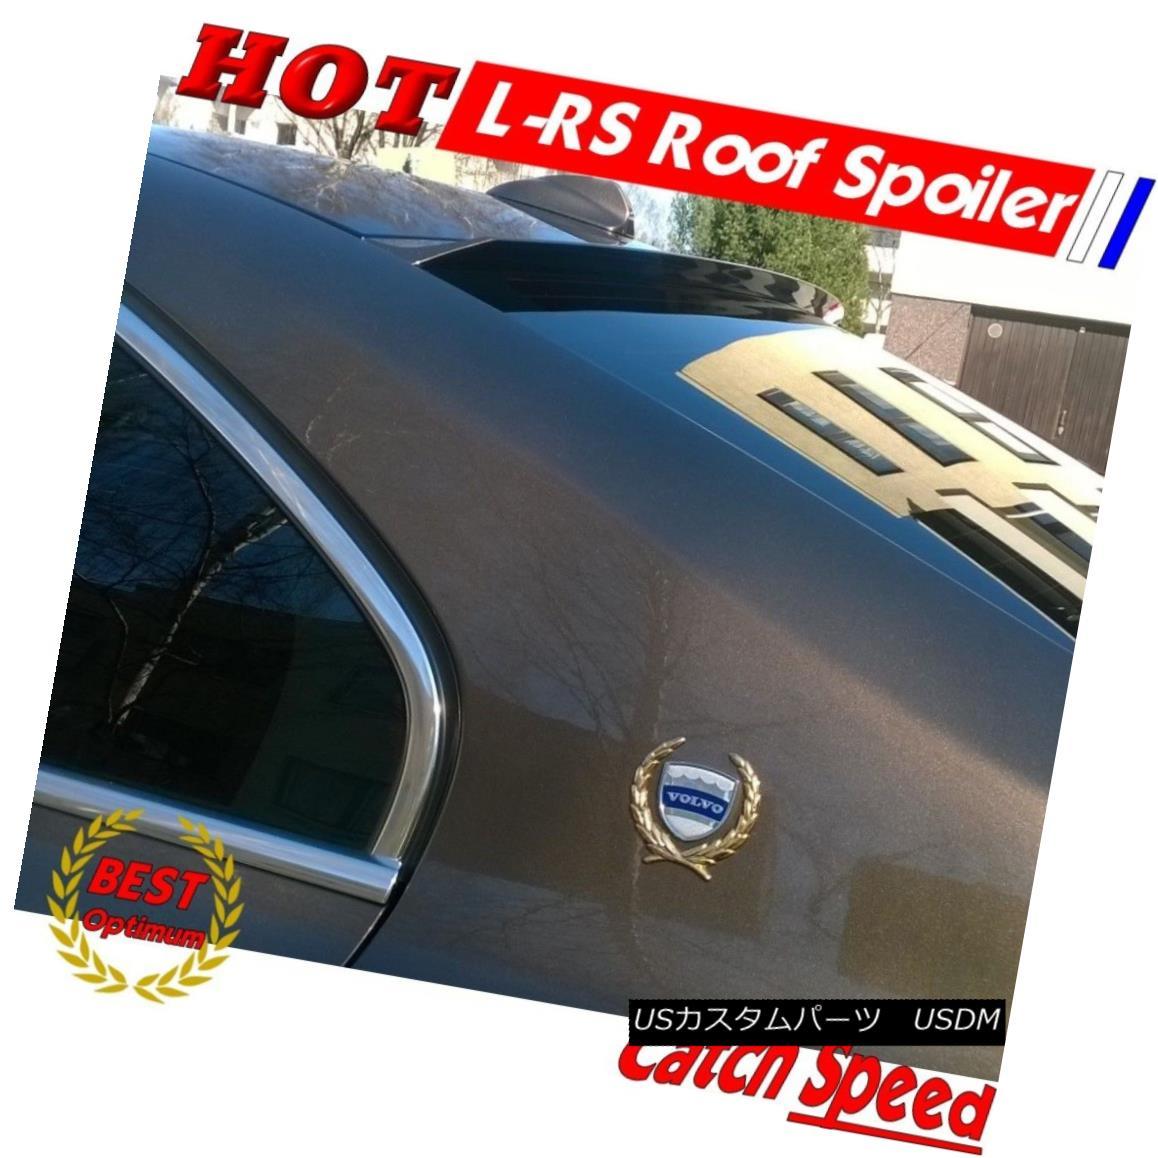 エアロパーツ Flat Black LRS Type Rear Roof Spoiler Wing For NISSAN ALTIMA SEDAN 2007 - 2012 ? NISSAN ALTIMA SEDAN 2007 - 2012のフラットブラックLRSタイプリアルーフスポイラーウィング?